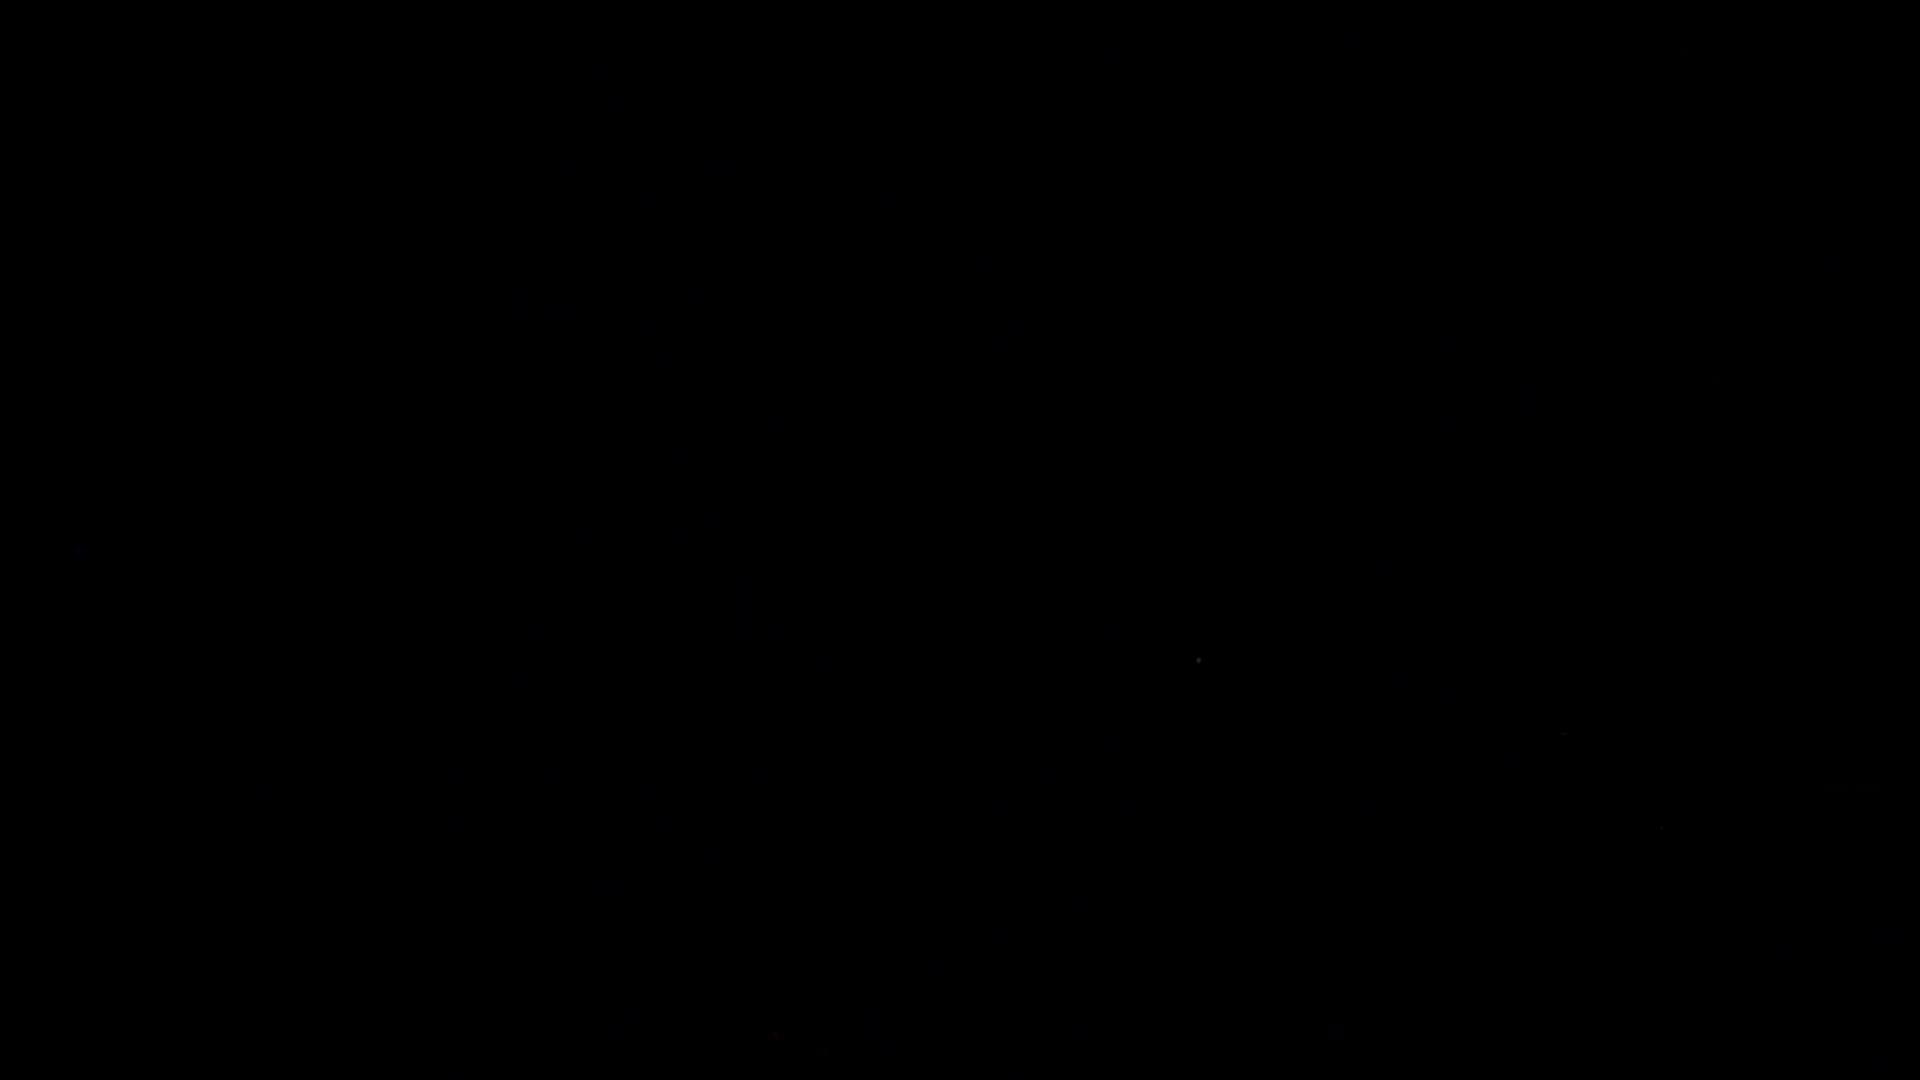 巨根 オナニー塾Vol.16 オナニー アダルトビデオ画像キャプチャ 106枚 49